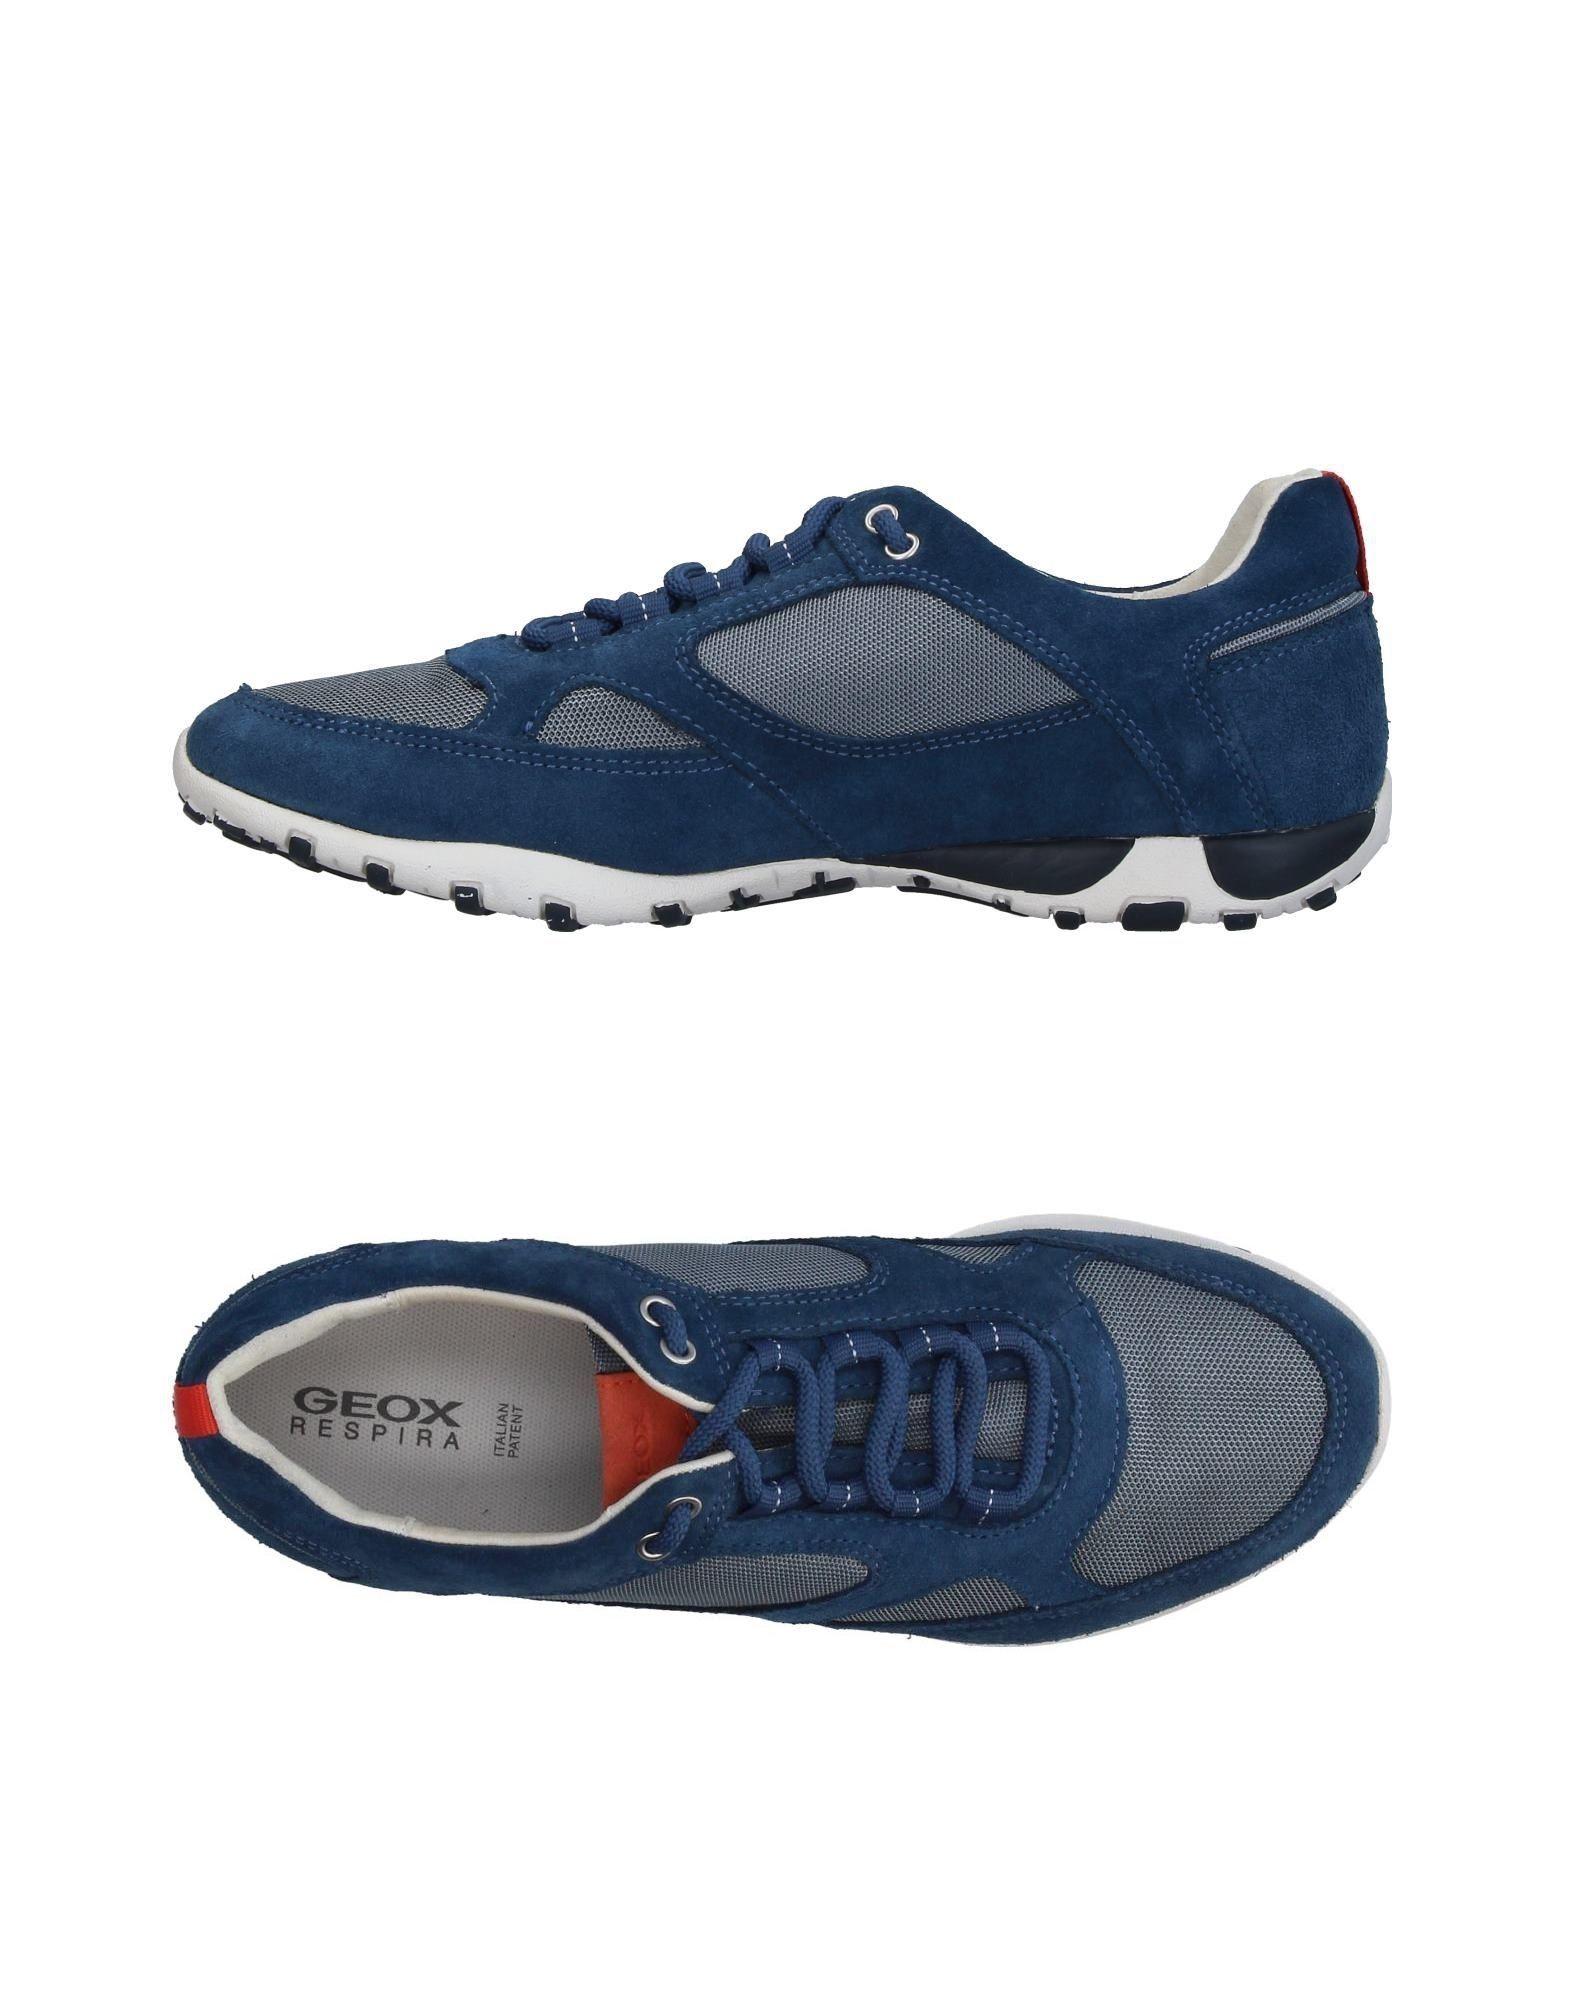 Geox Sneakers Damen  Gute 11415465EC Gute  Qualität beliebte Schuhe a627c2